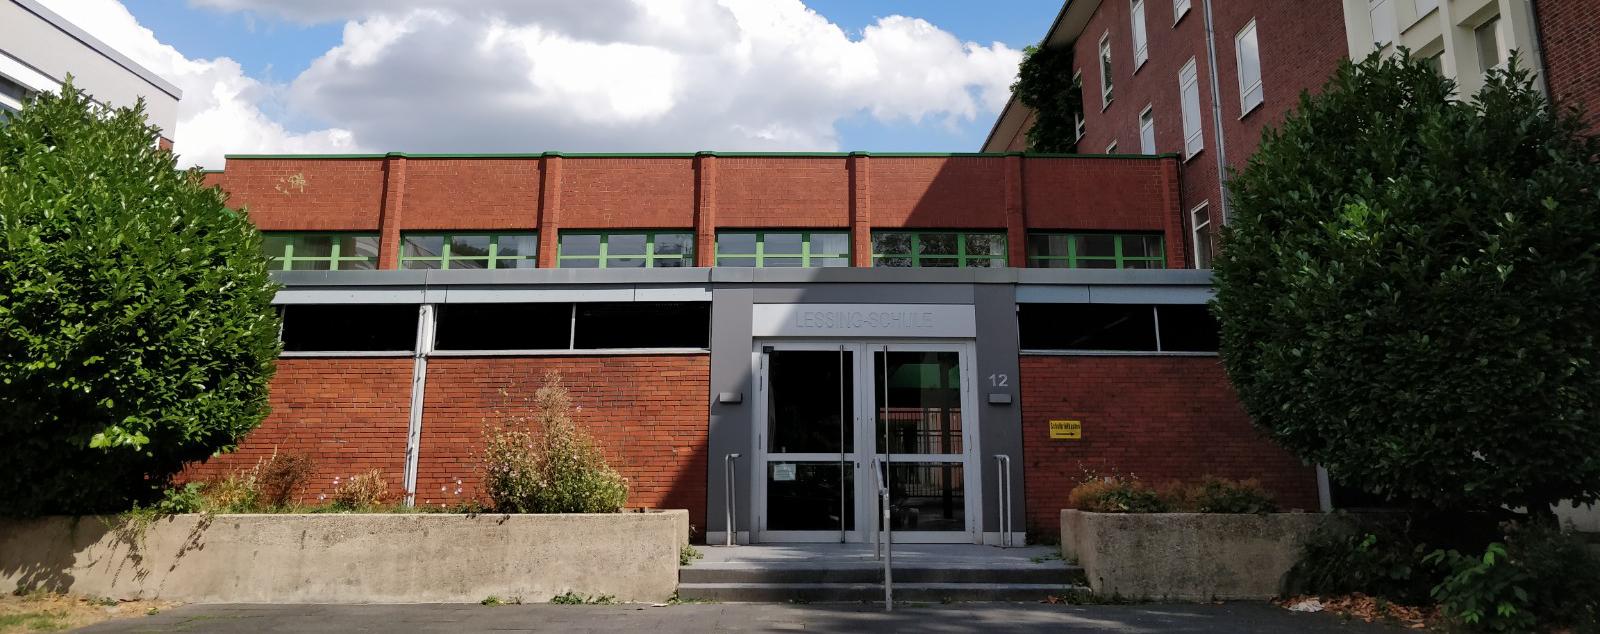 Lessing-Schule Bochum